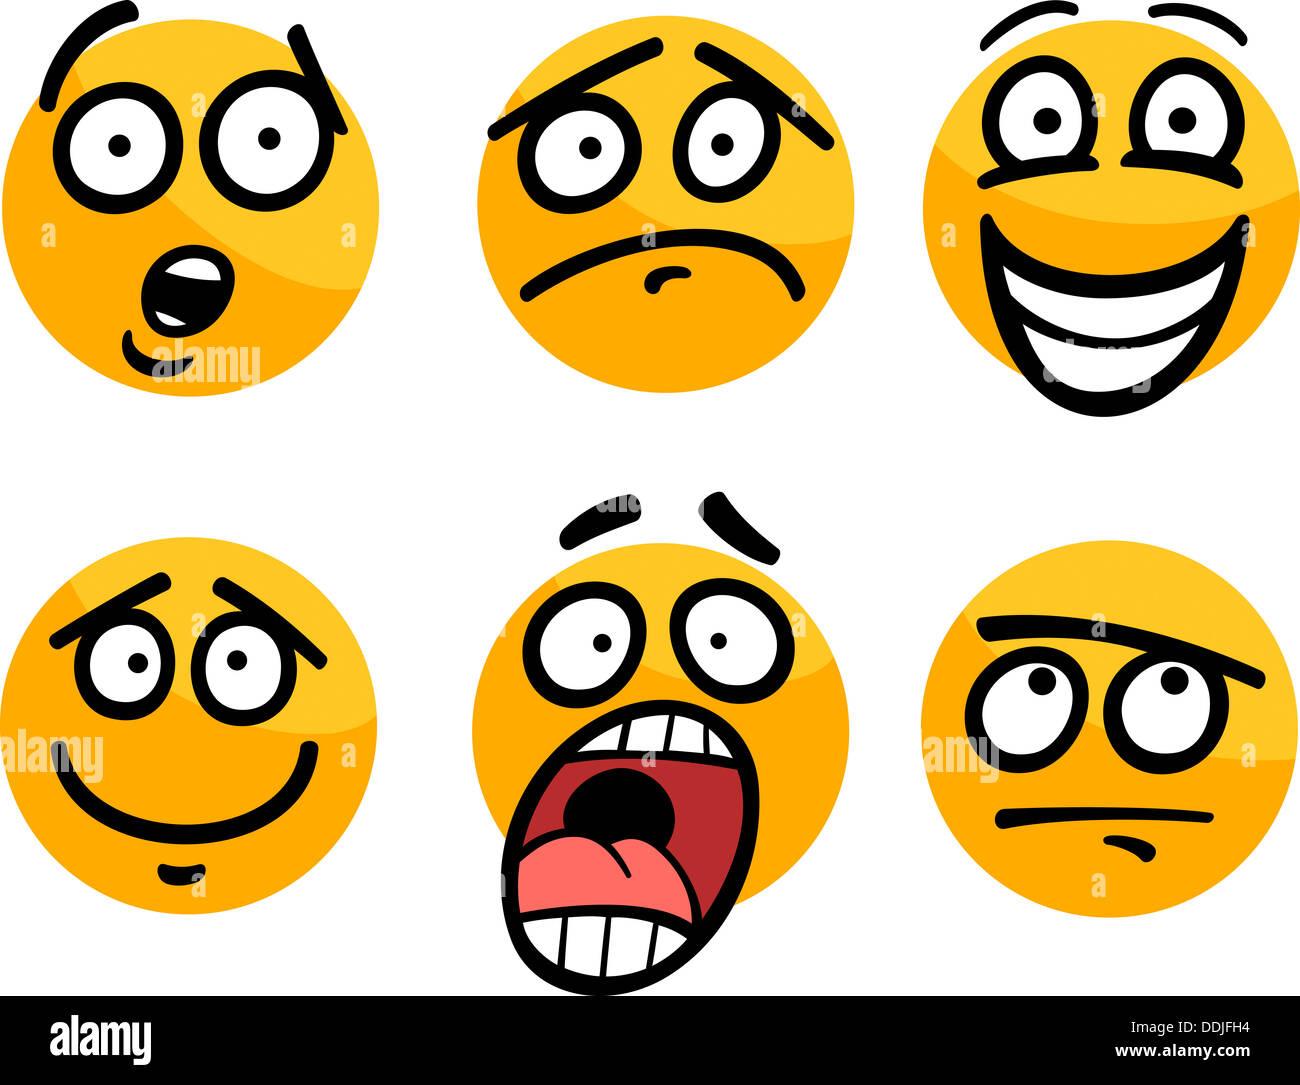 Emoticone Drole cartoon illustration de l'émoticône drôle ou des émotions et des